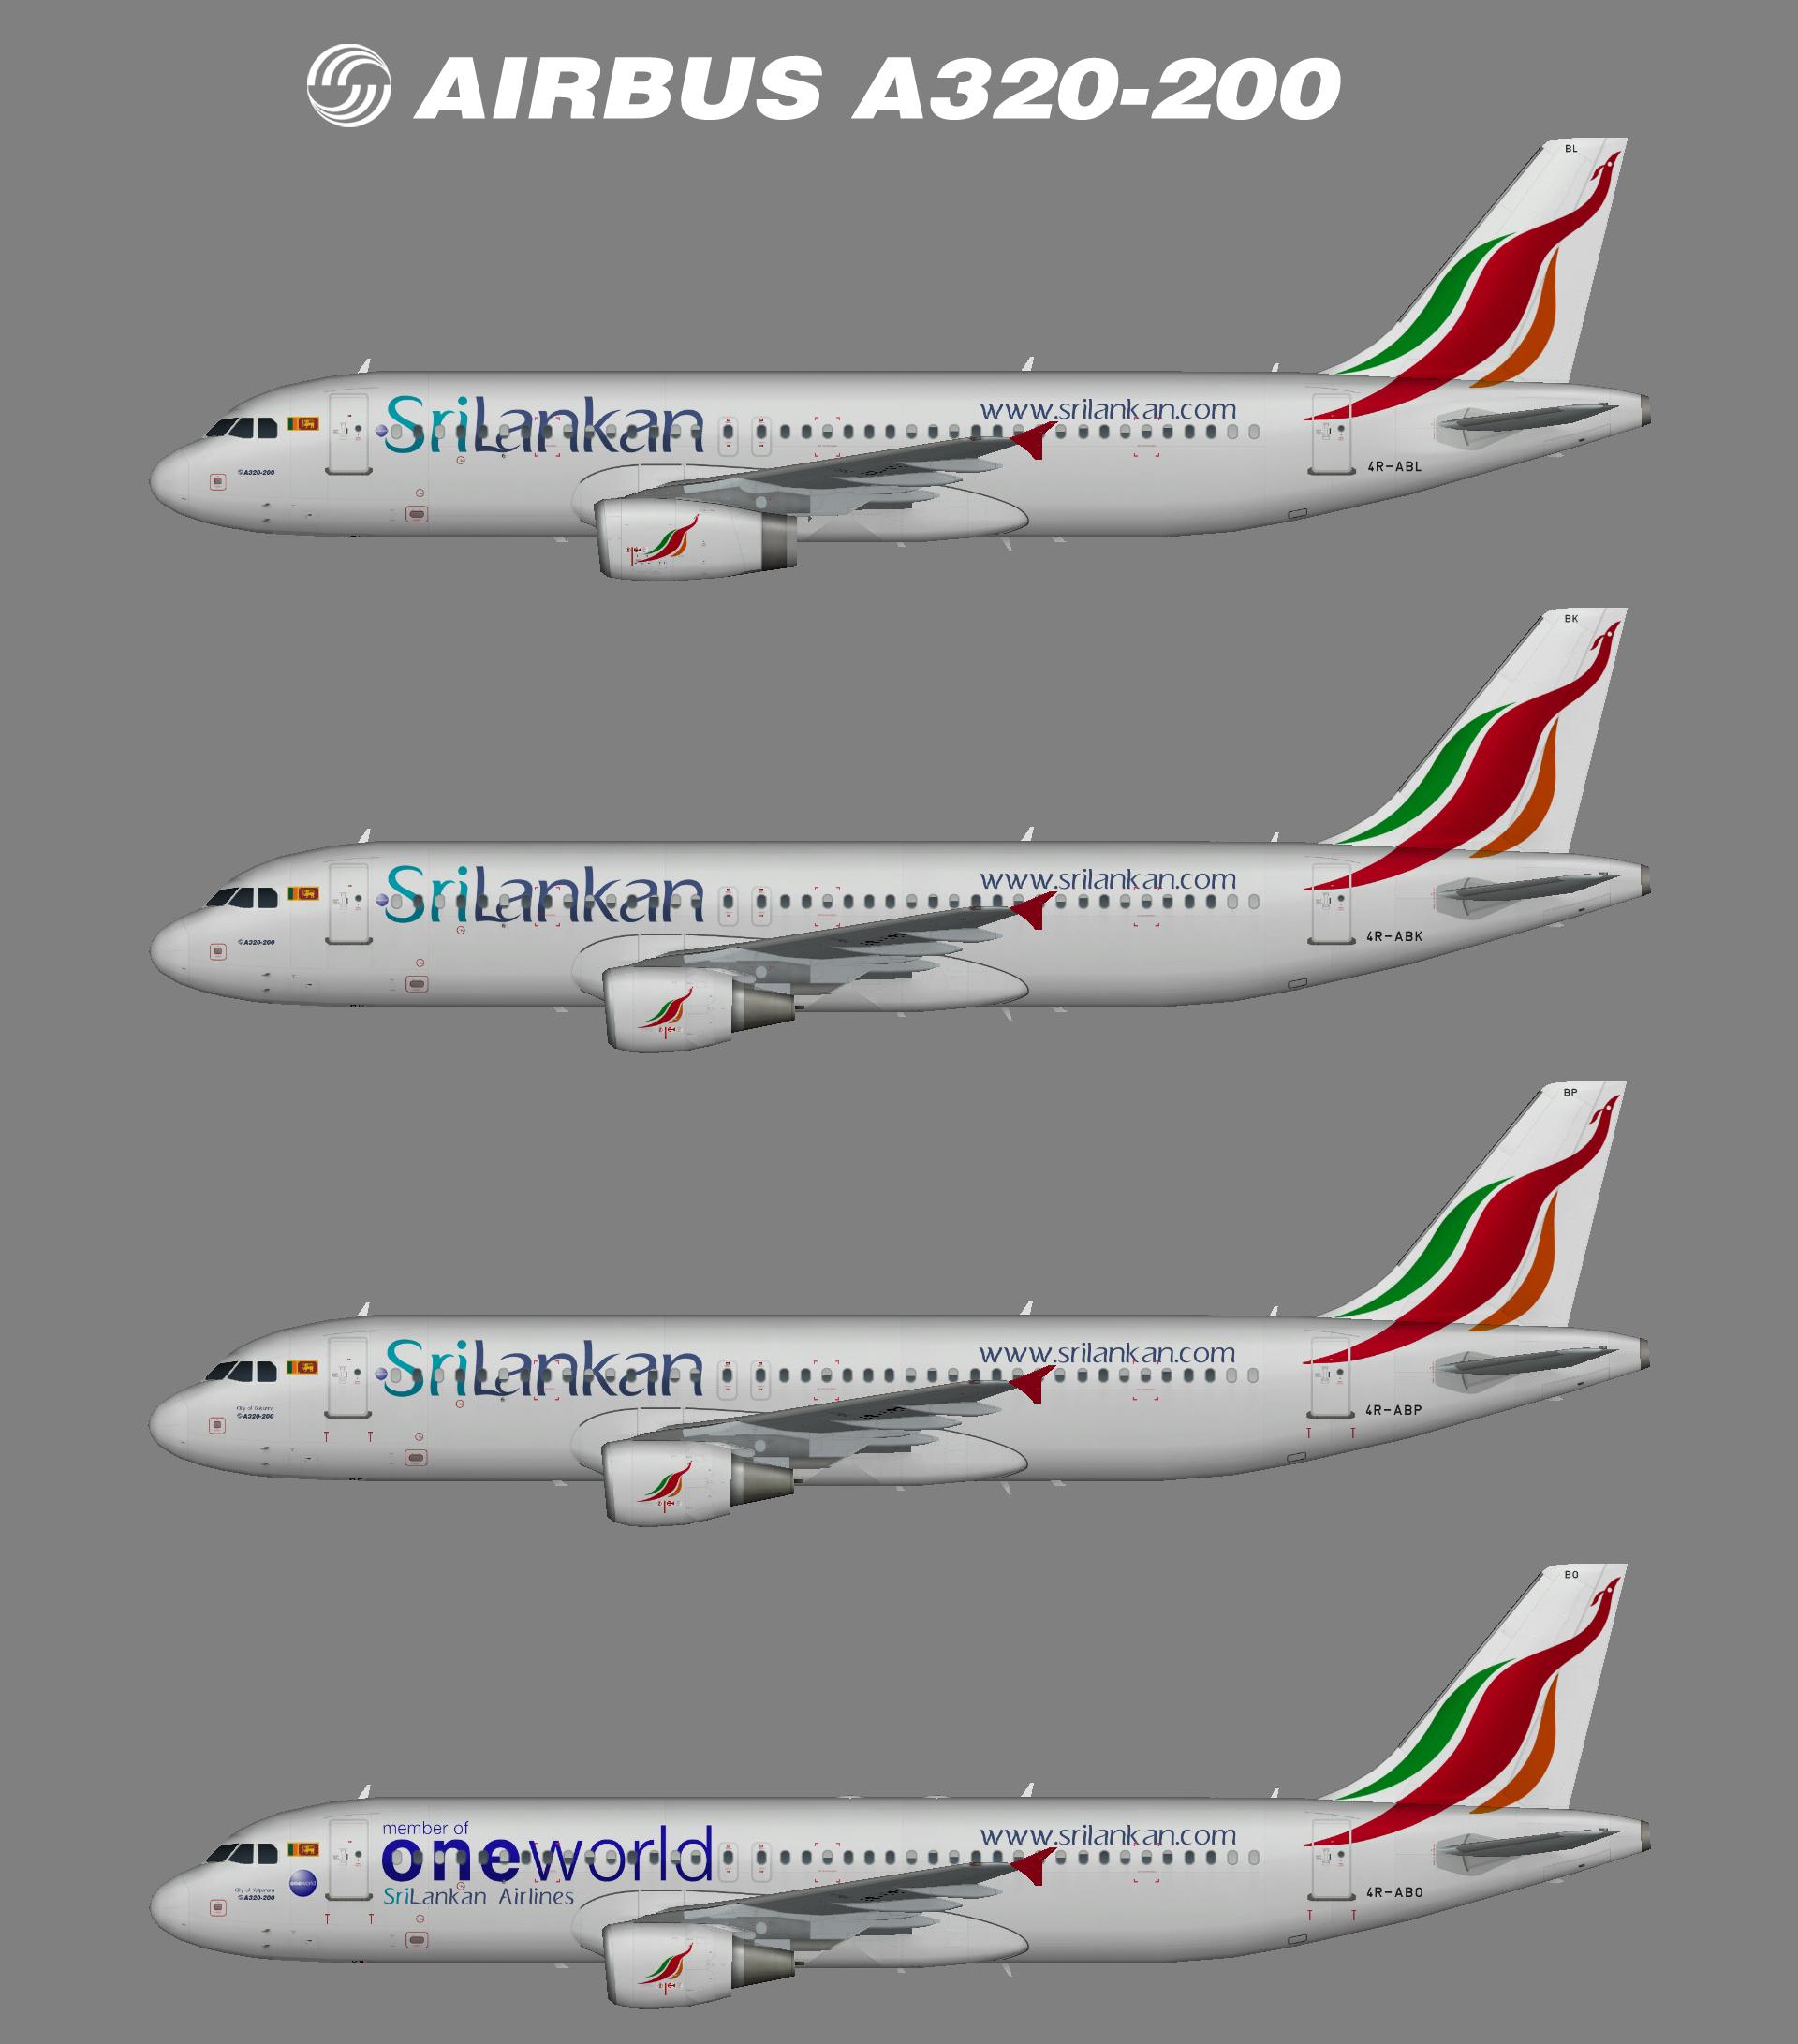 SriLankan A320-200